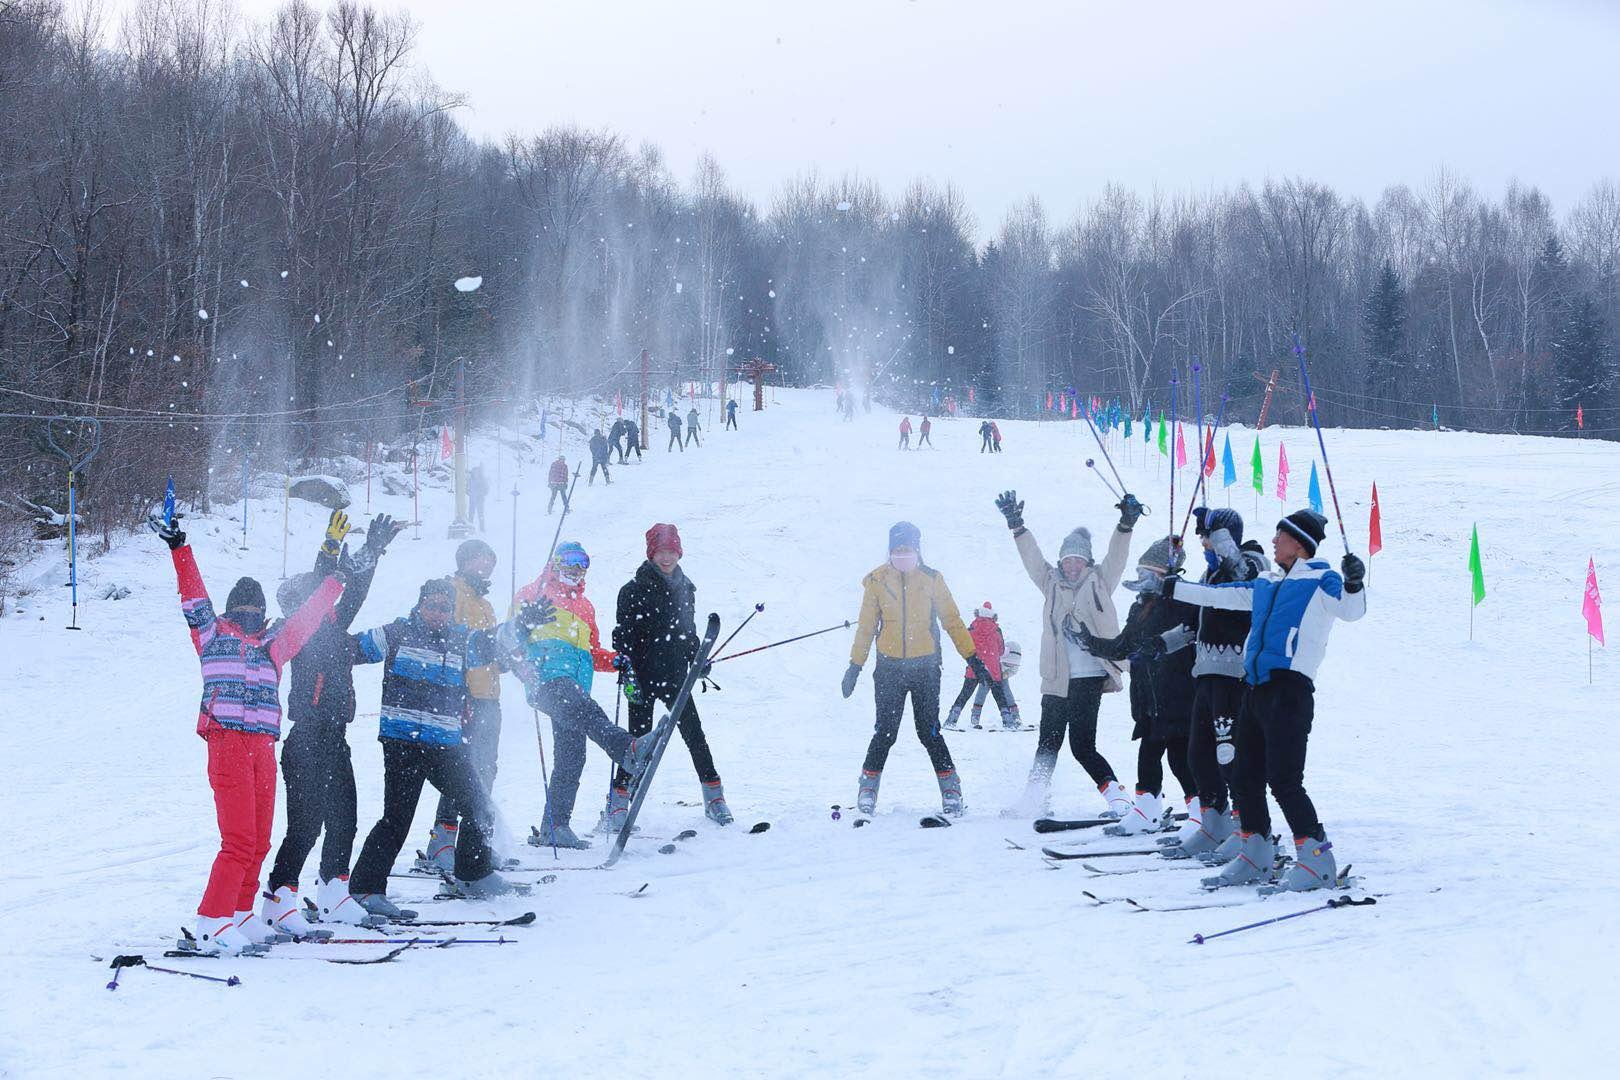 伊春九峰山滑雪场